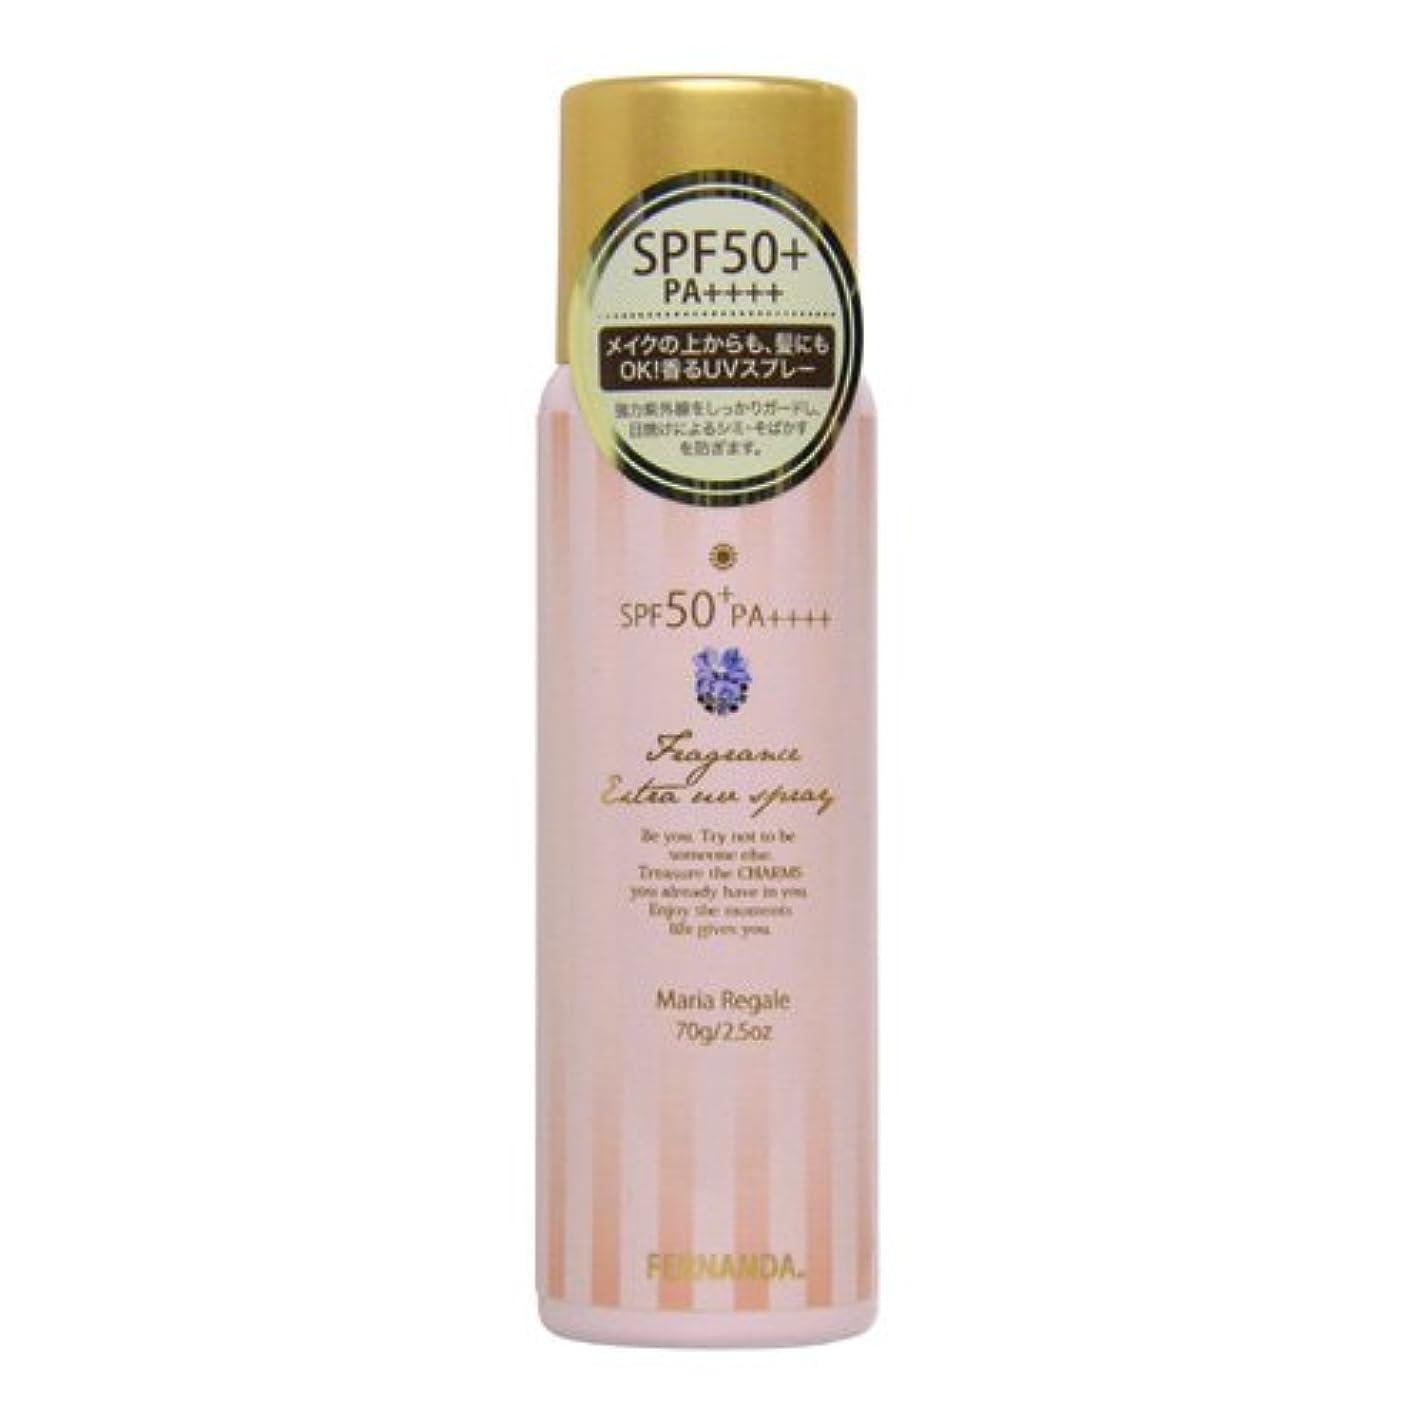 びっくり命令若さFERNANDA(フェルナンダ) Extra UV Spray Maria Regale〈SPF50 PA+++〉(エクストラUVスプレー マリアリゲル)